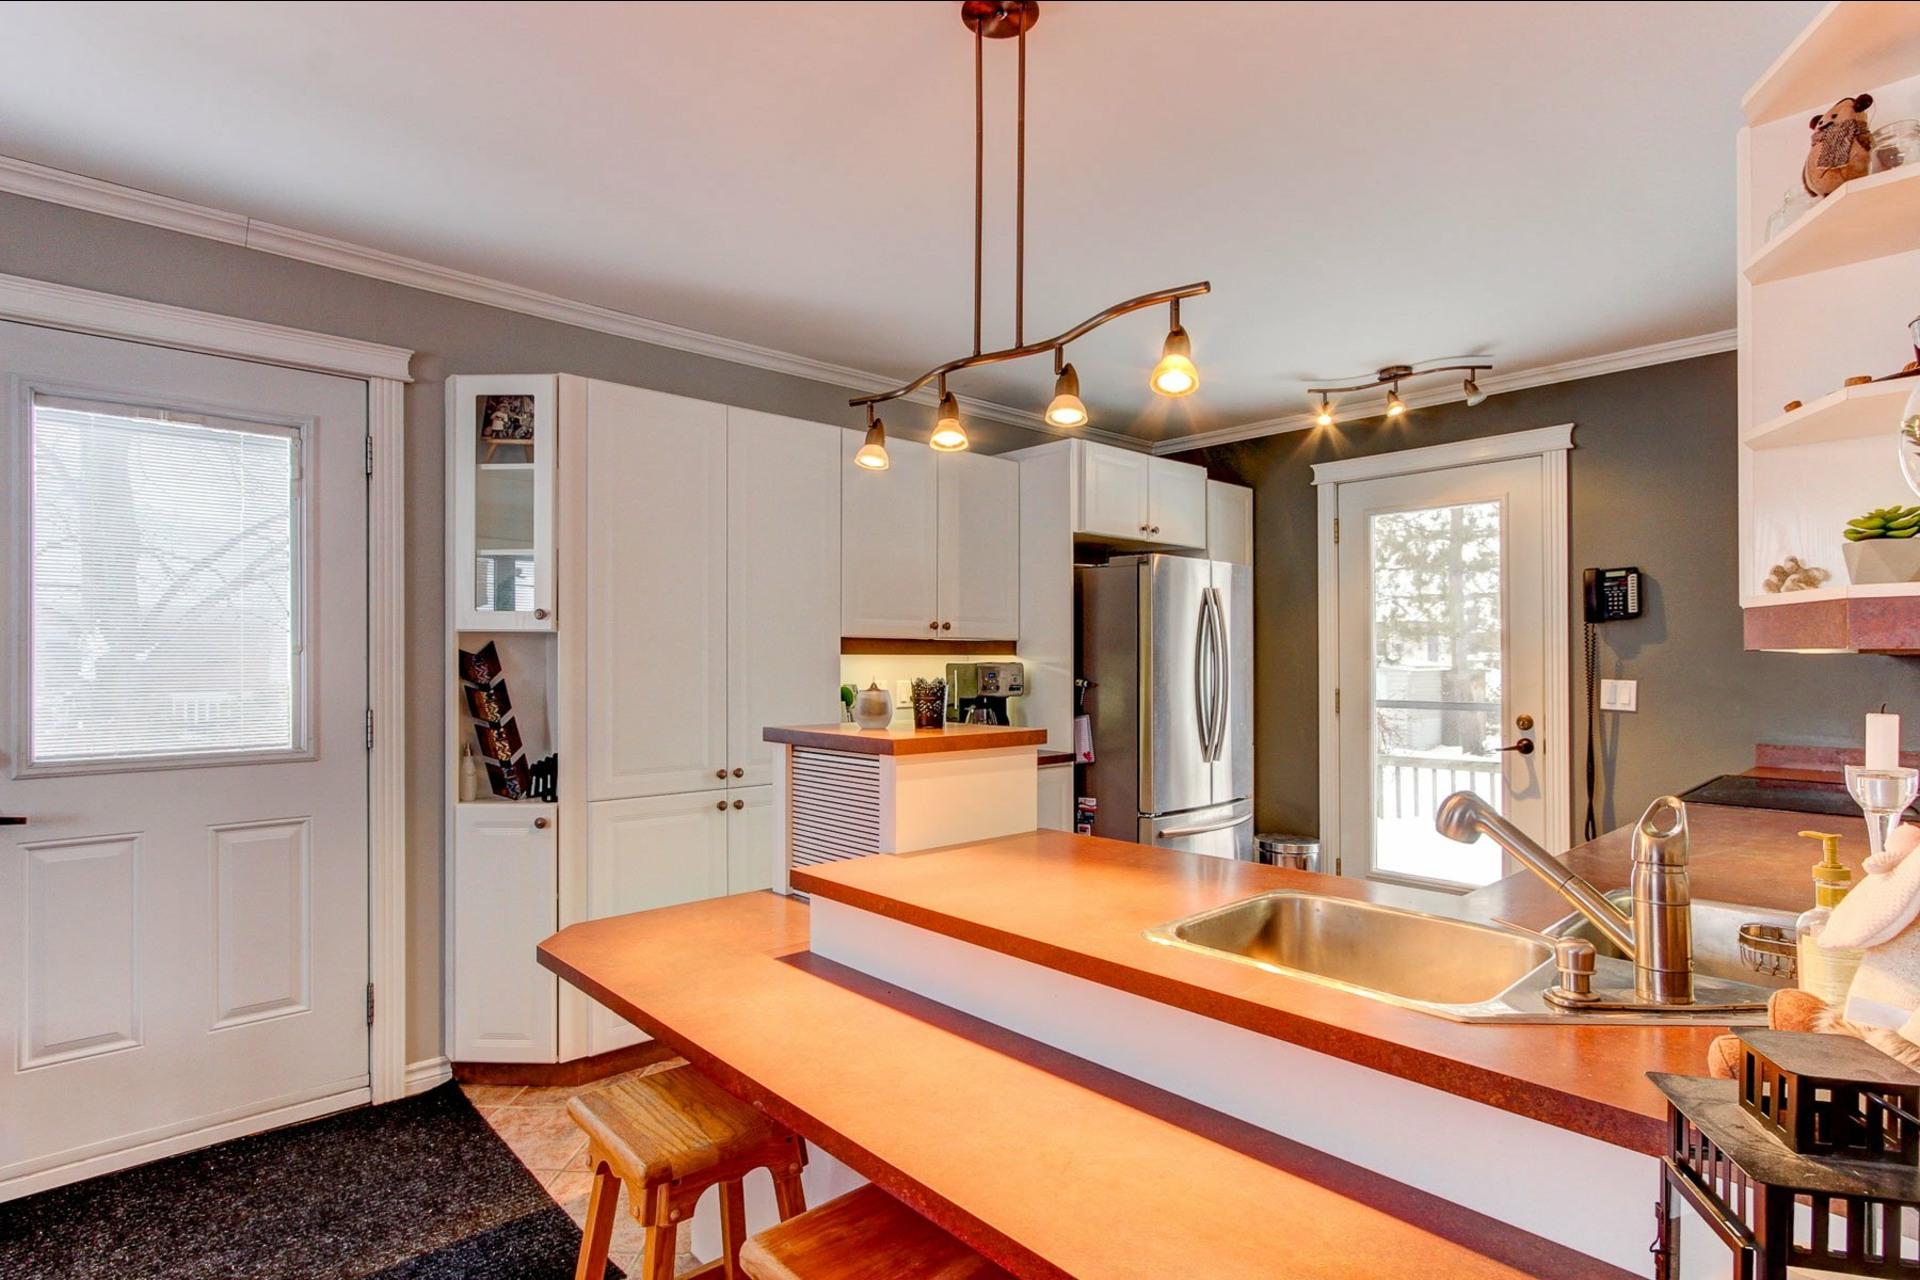 image 2 - House For sale Trois-Rivières - 9 rooms